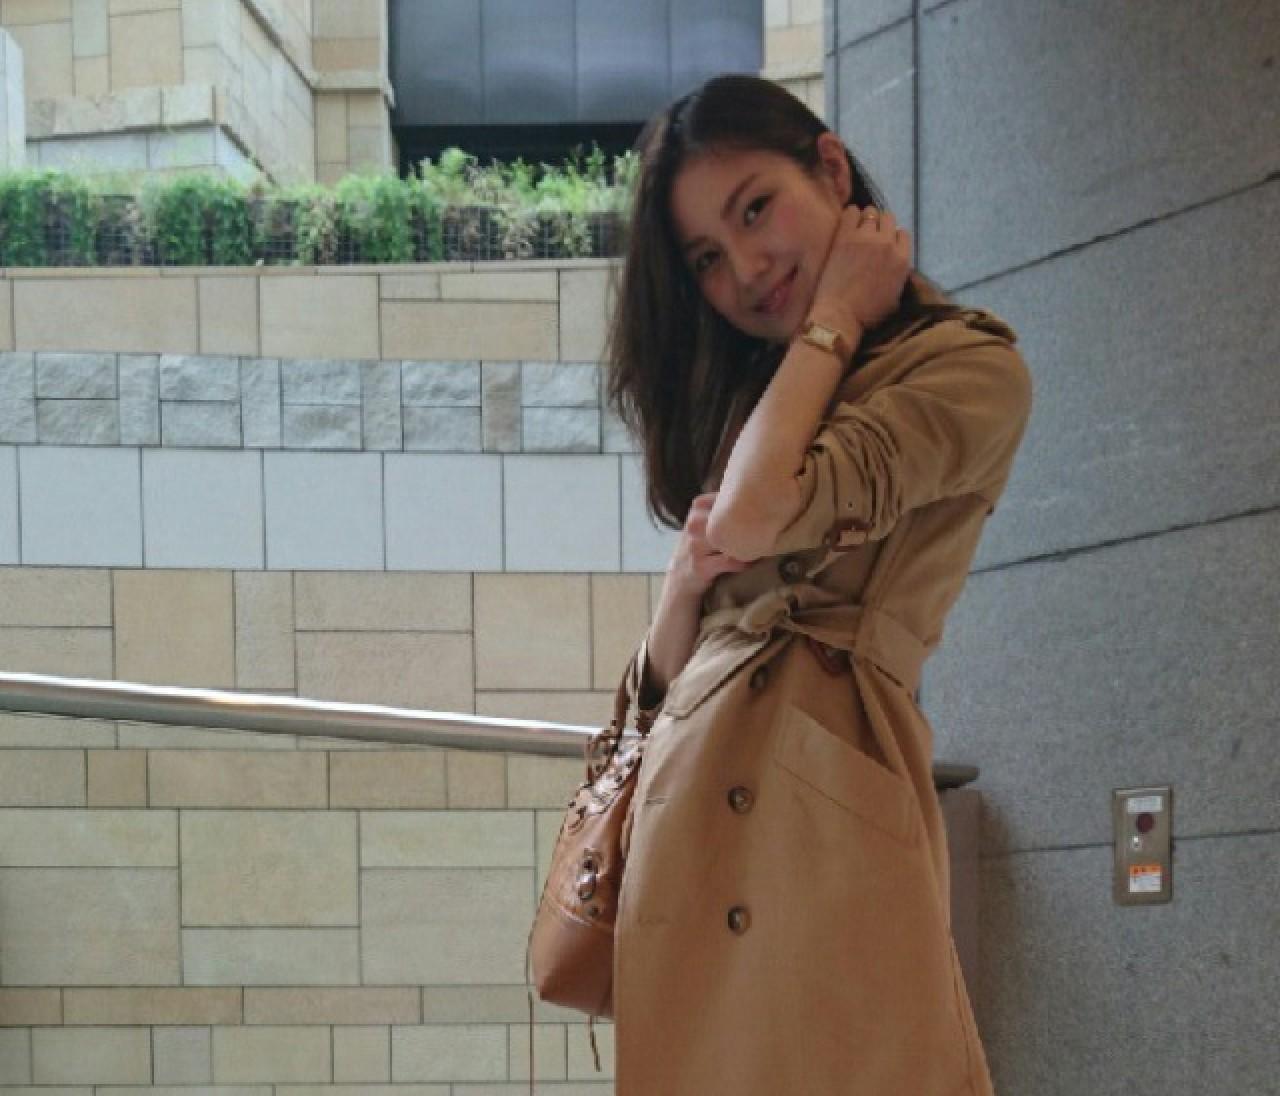 【#ときめきトレンチ #OOTD】高橋絵美さん